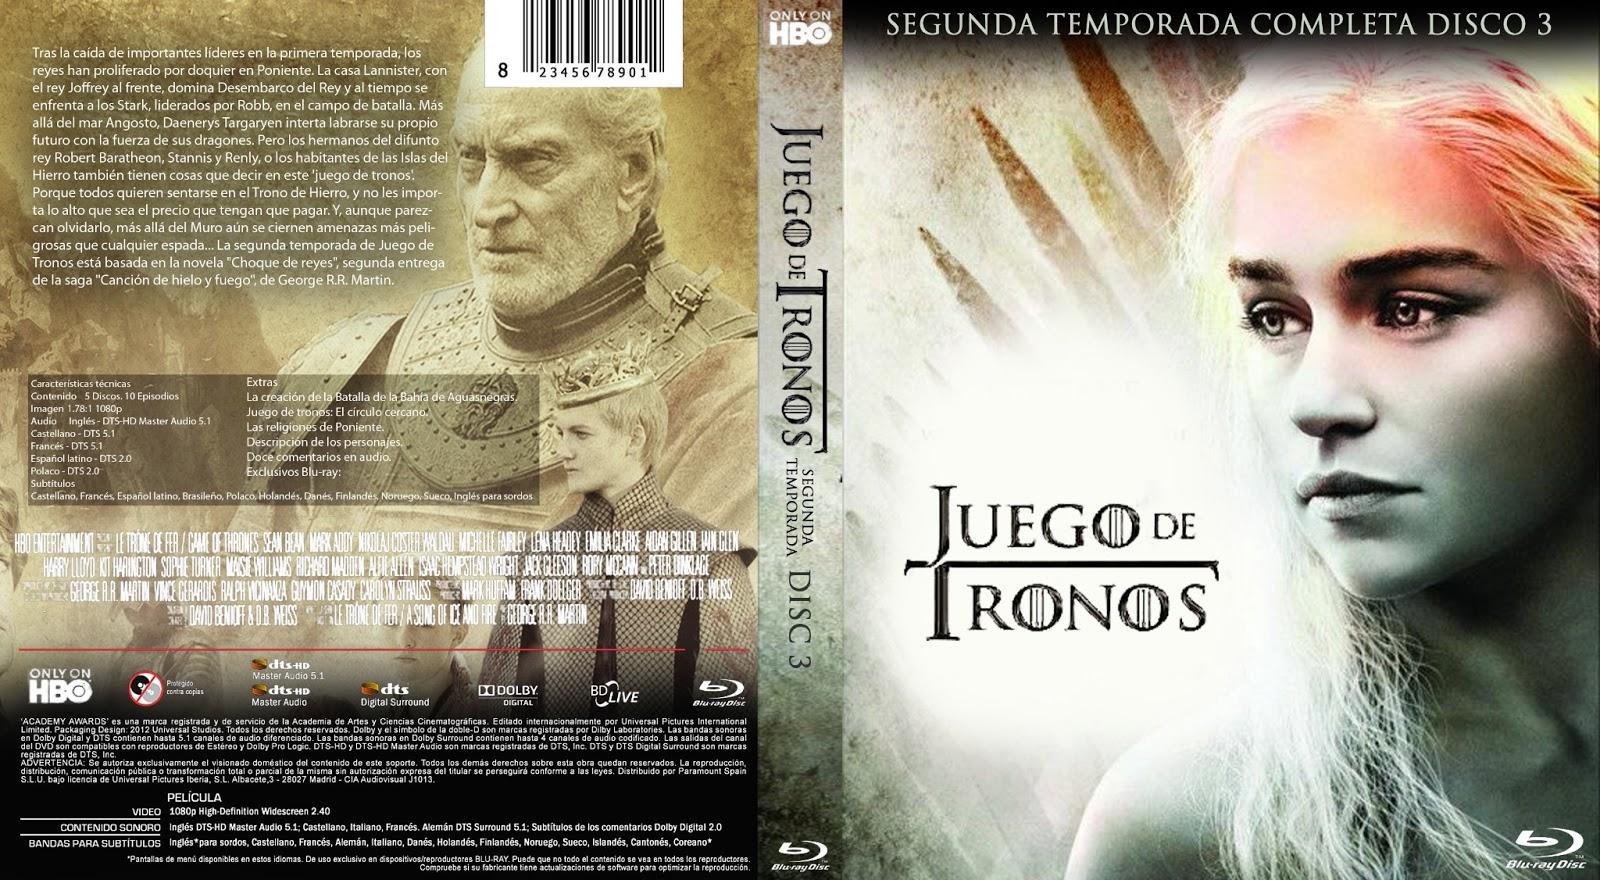 Juego de tronos 4 temporada : Televisiones mediamark